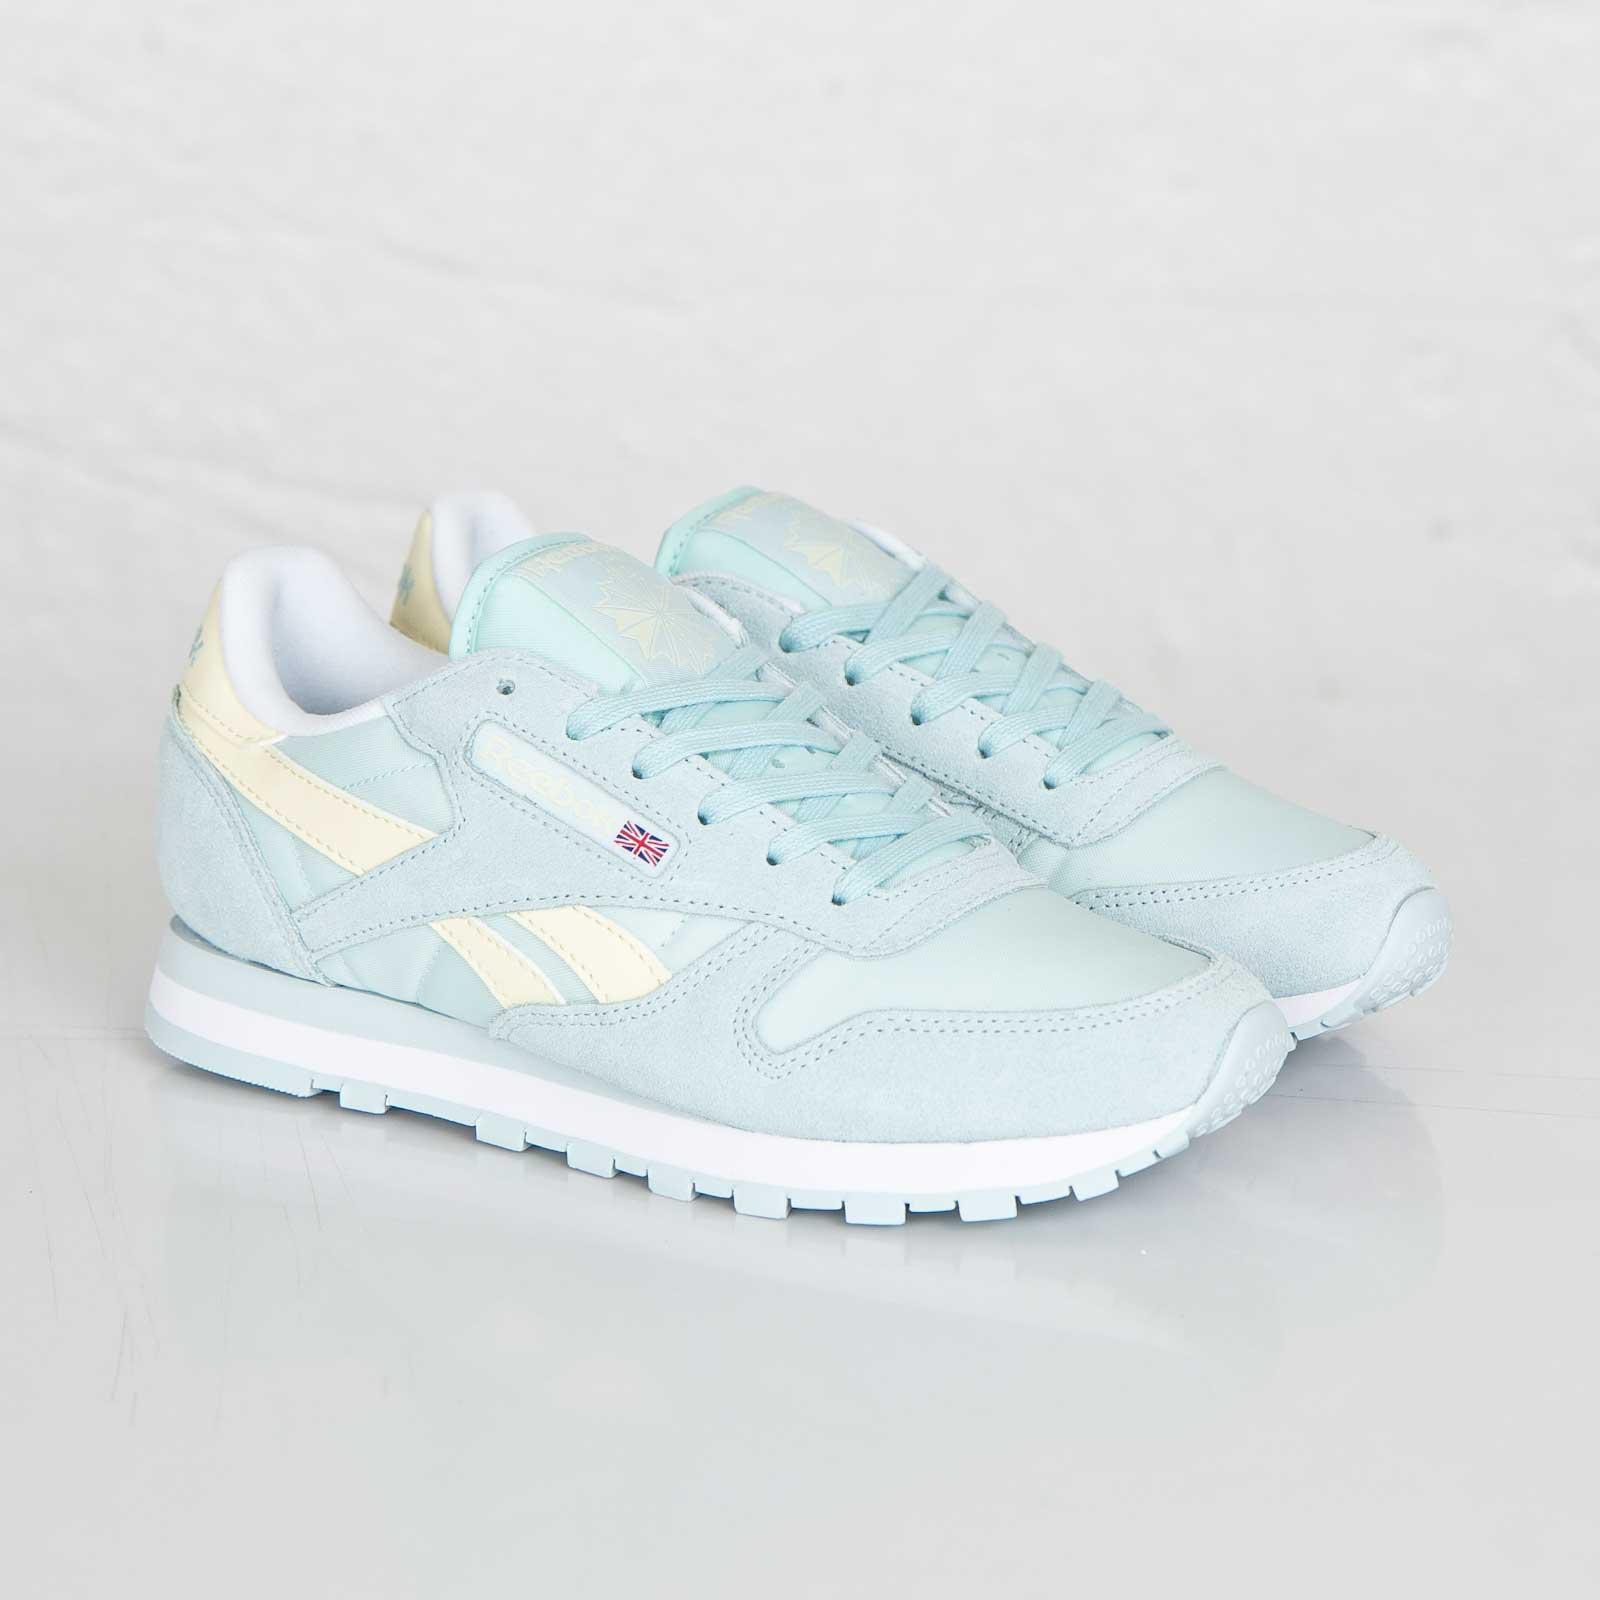 Sneakers & streetwear online since 1999